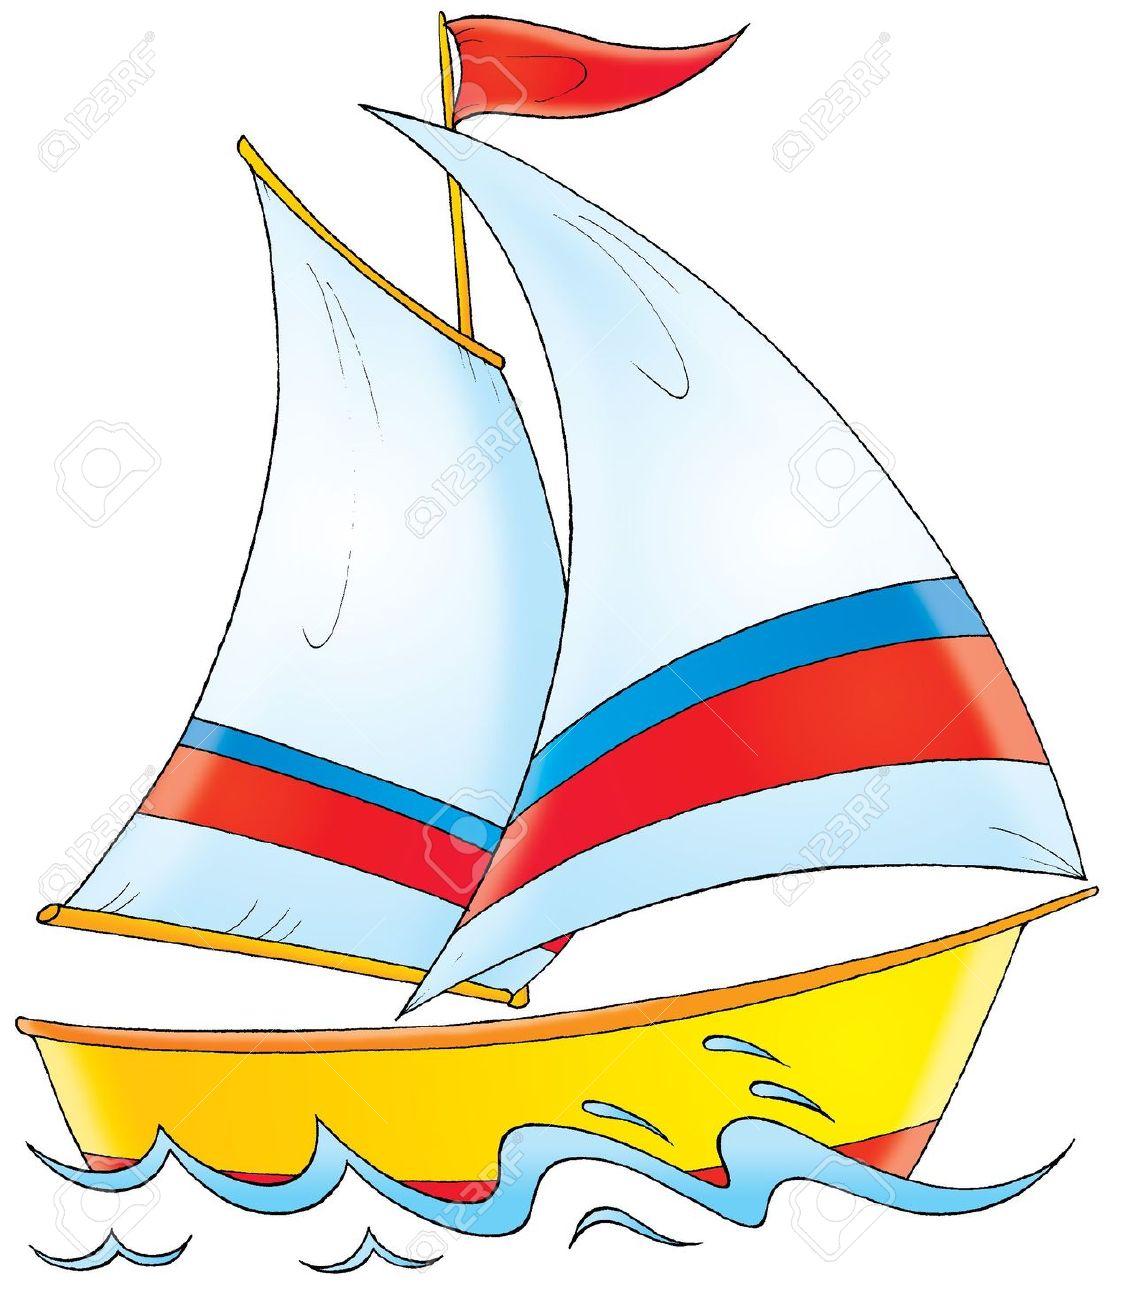 Yacht boat cartoon clipart .